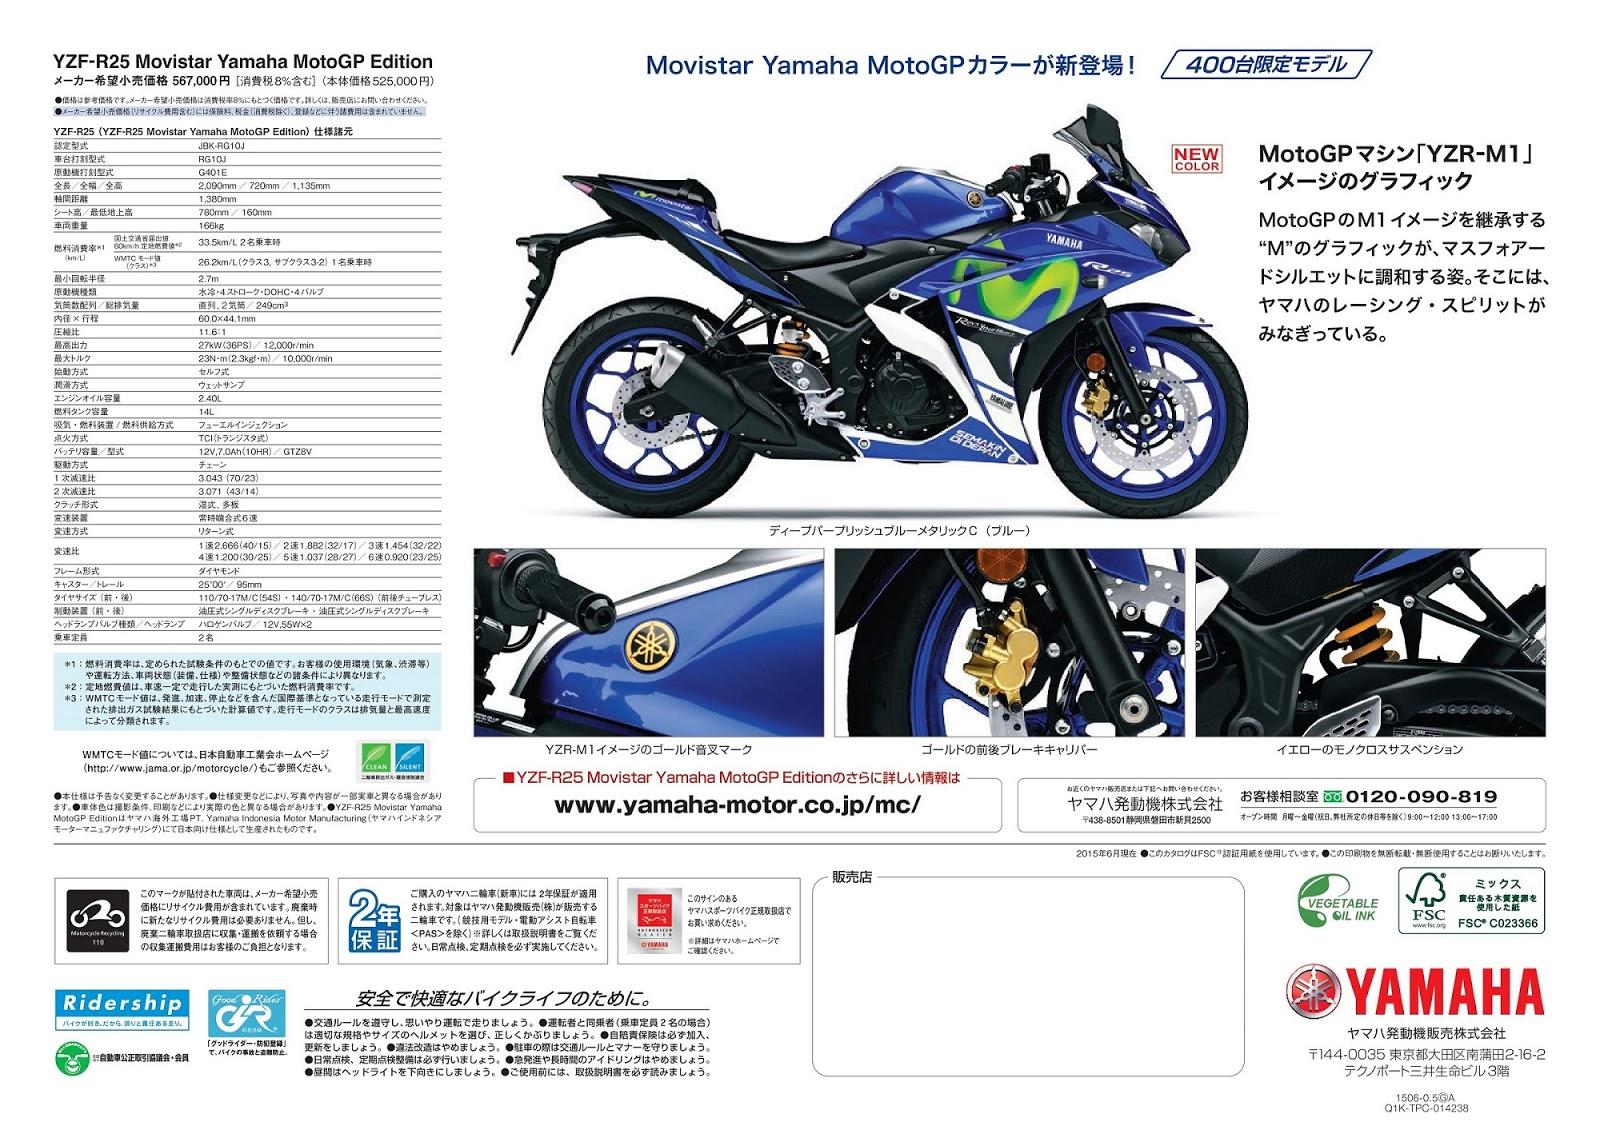 Edisi khas yamaha yzf r25 movistar motogp 2015 arena motor for Yamaha motor credit card